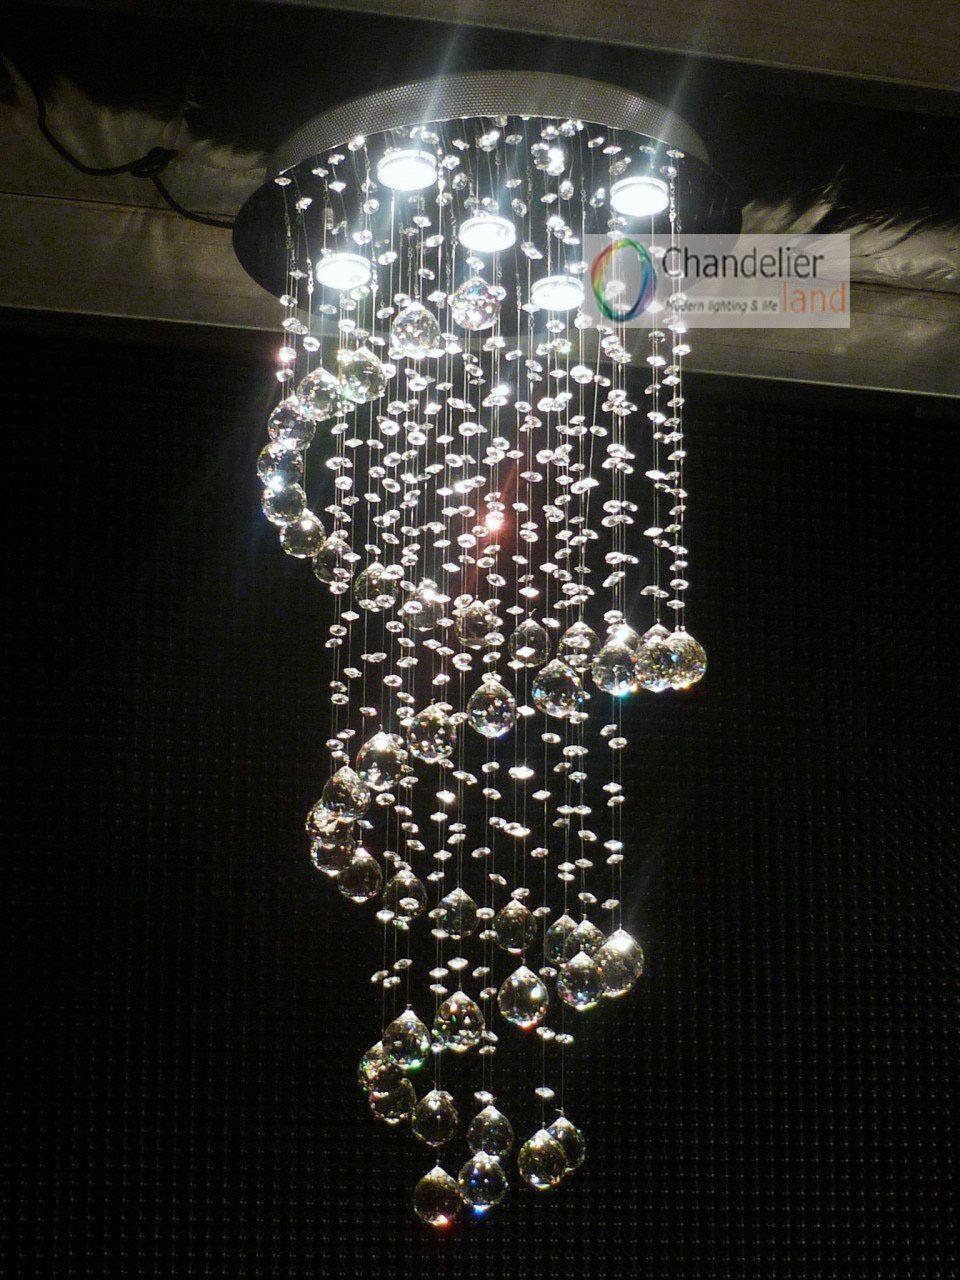 ingrosso Online soffitto lampadario di cristallo da Grossisti soffitto ...